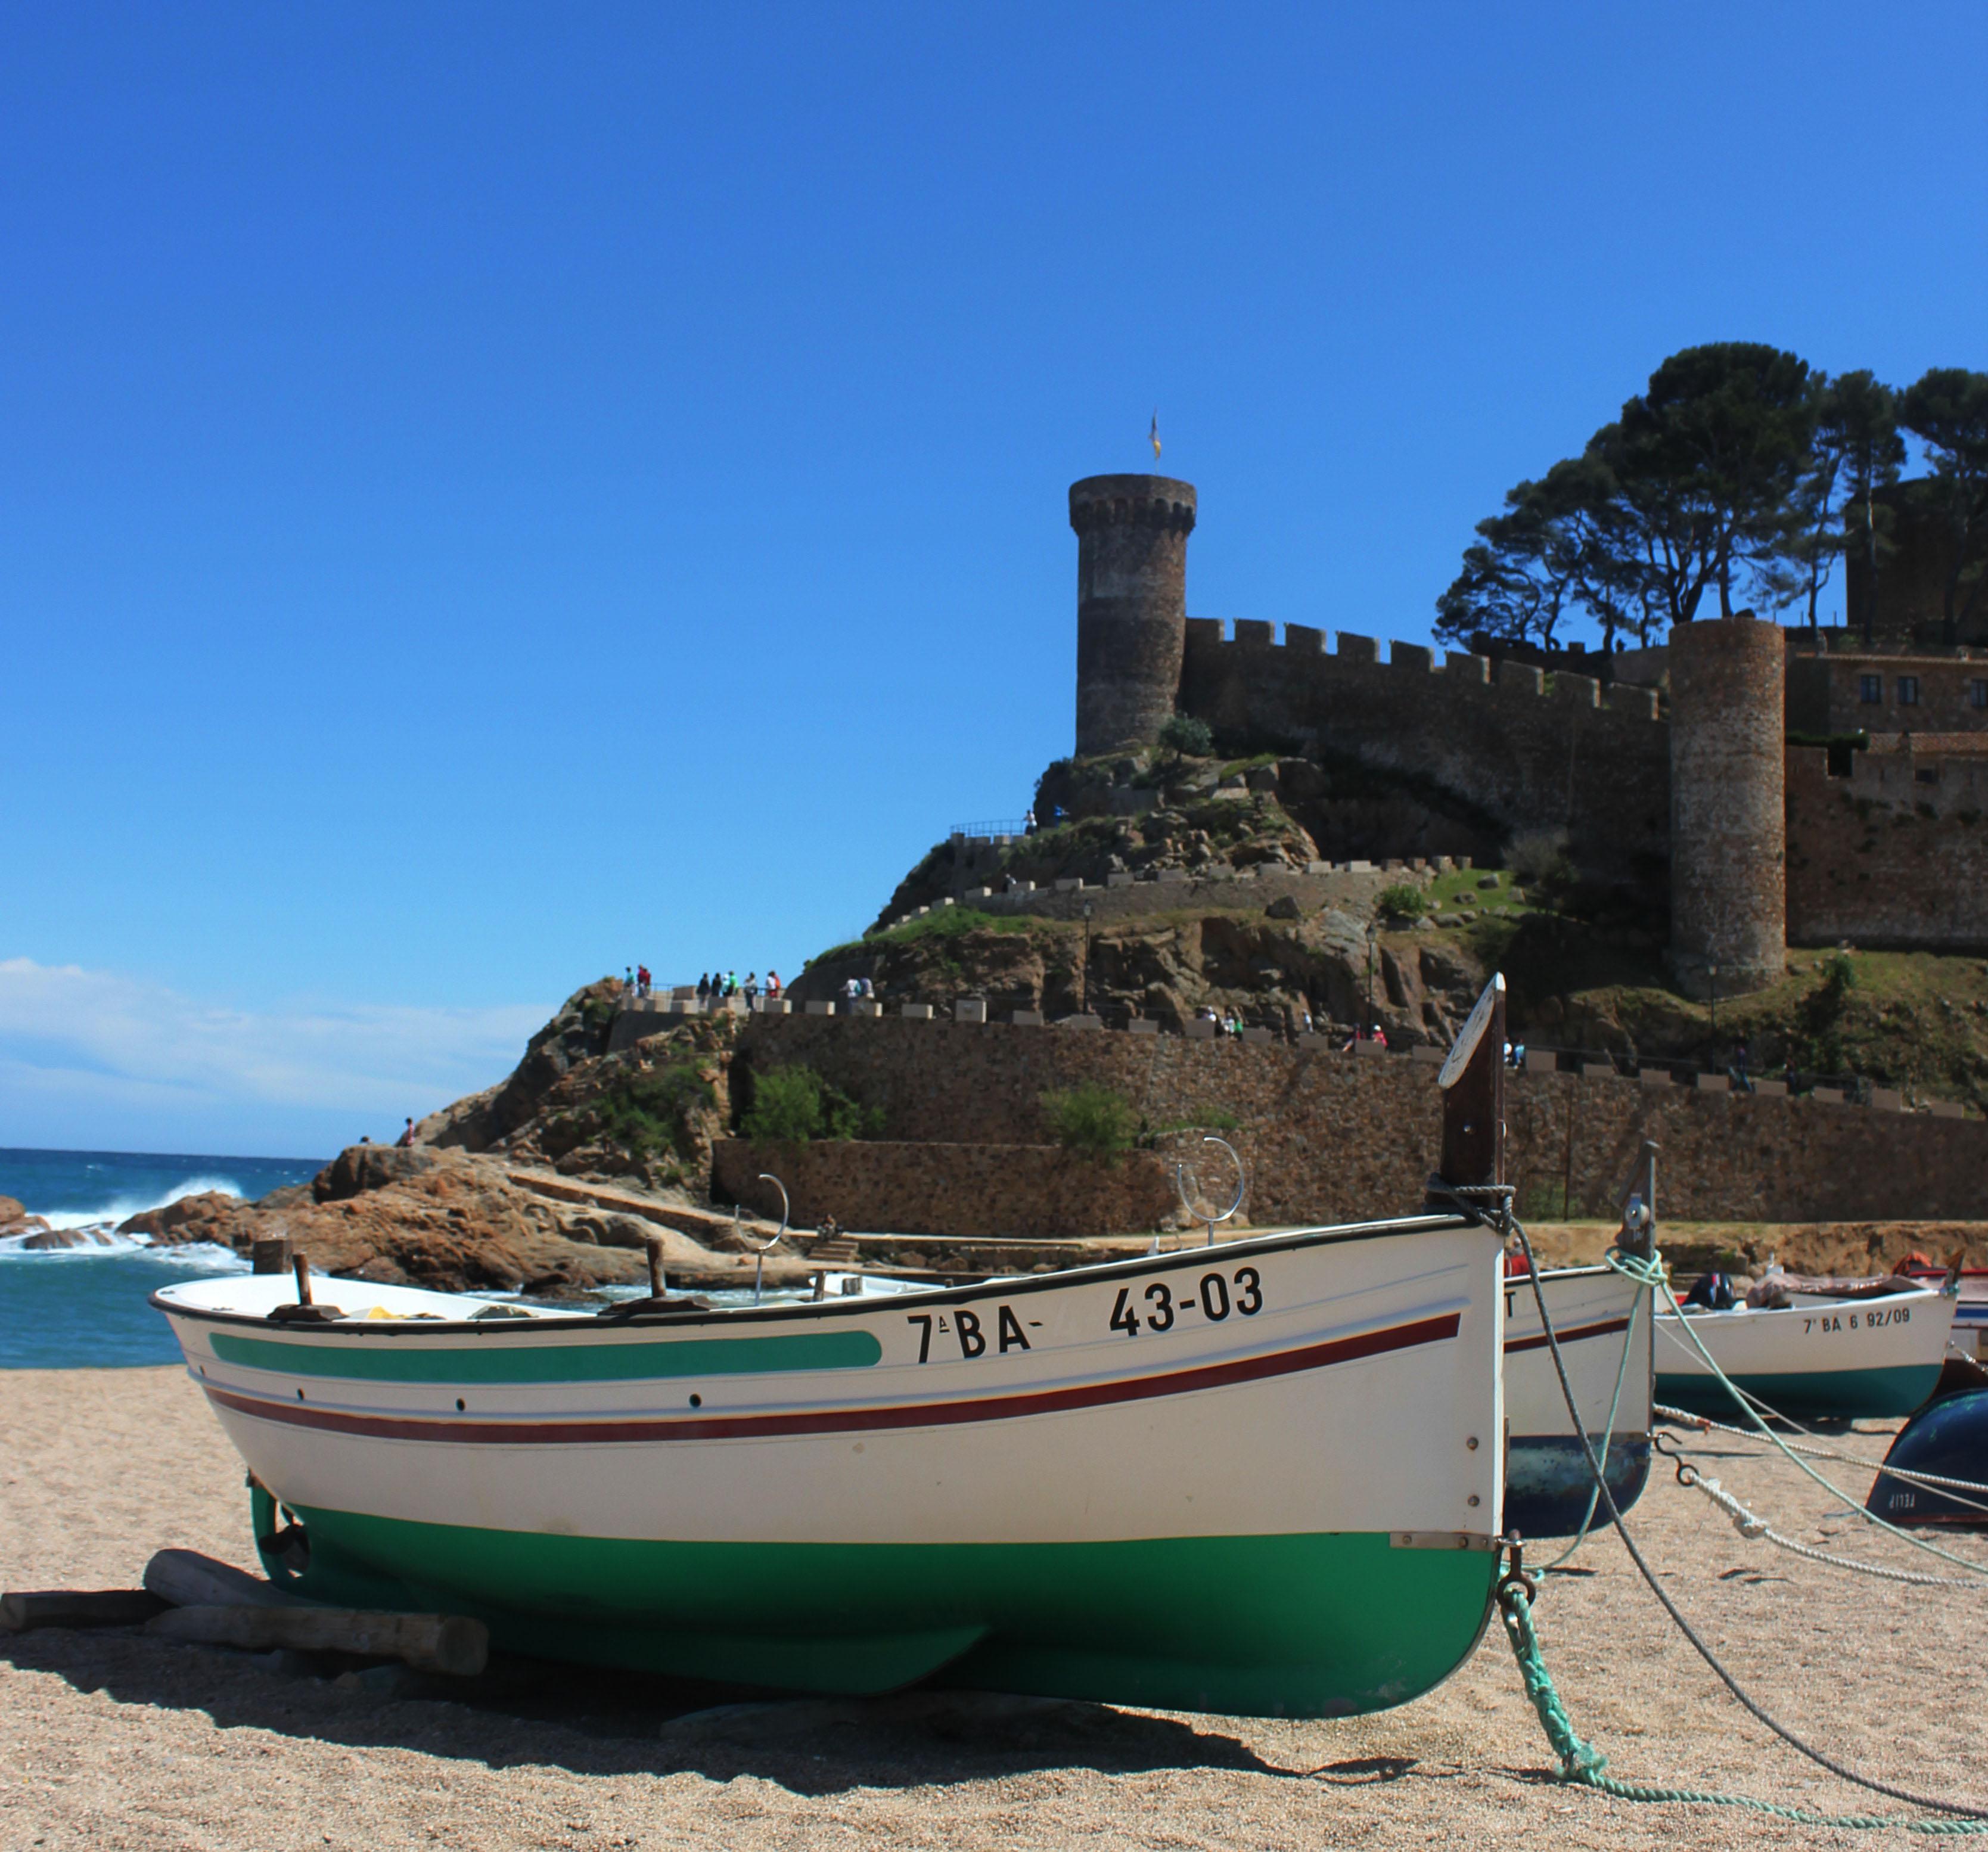 Costa Brava Castle